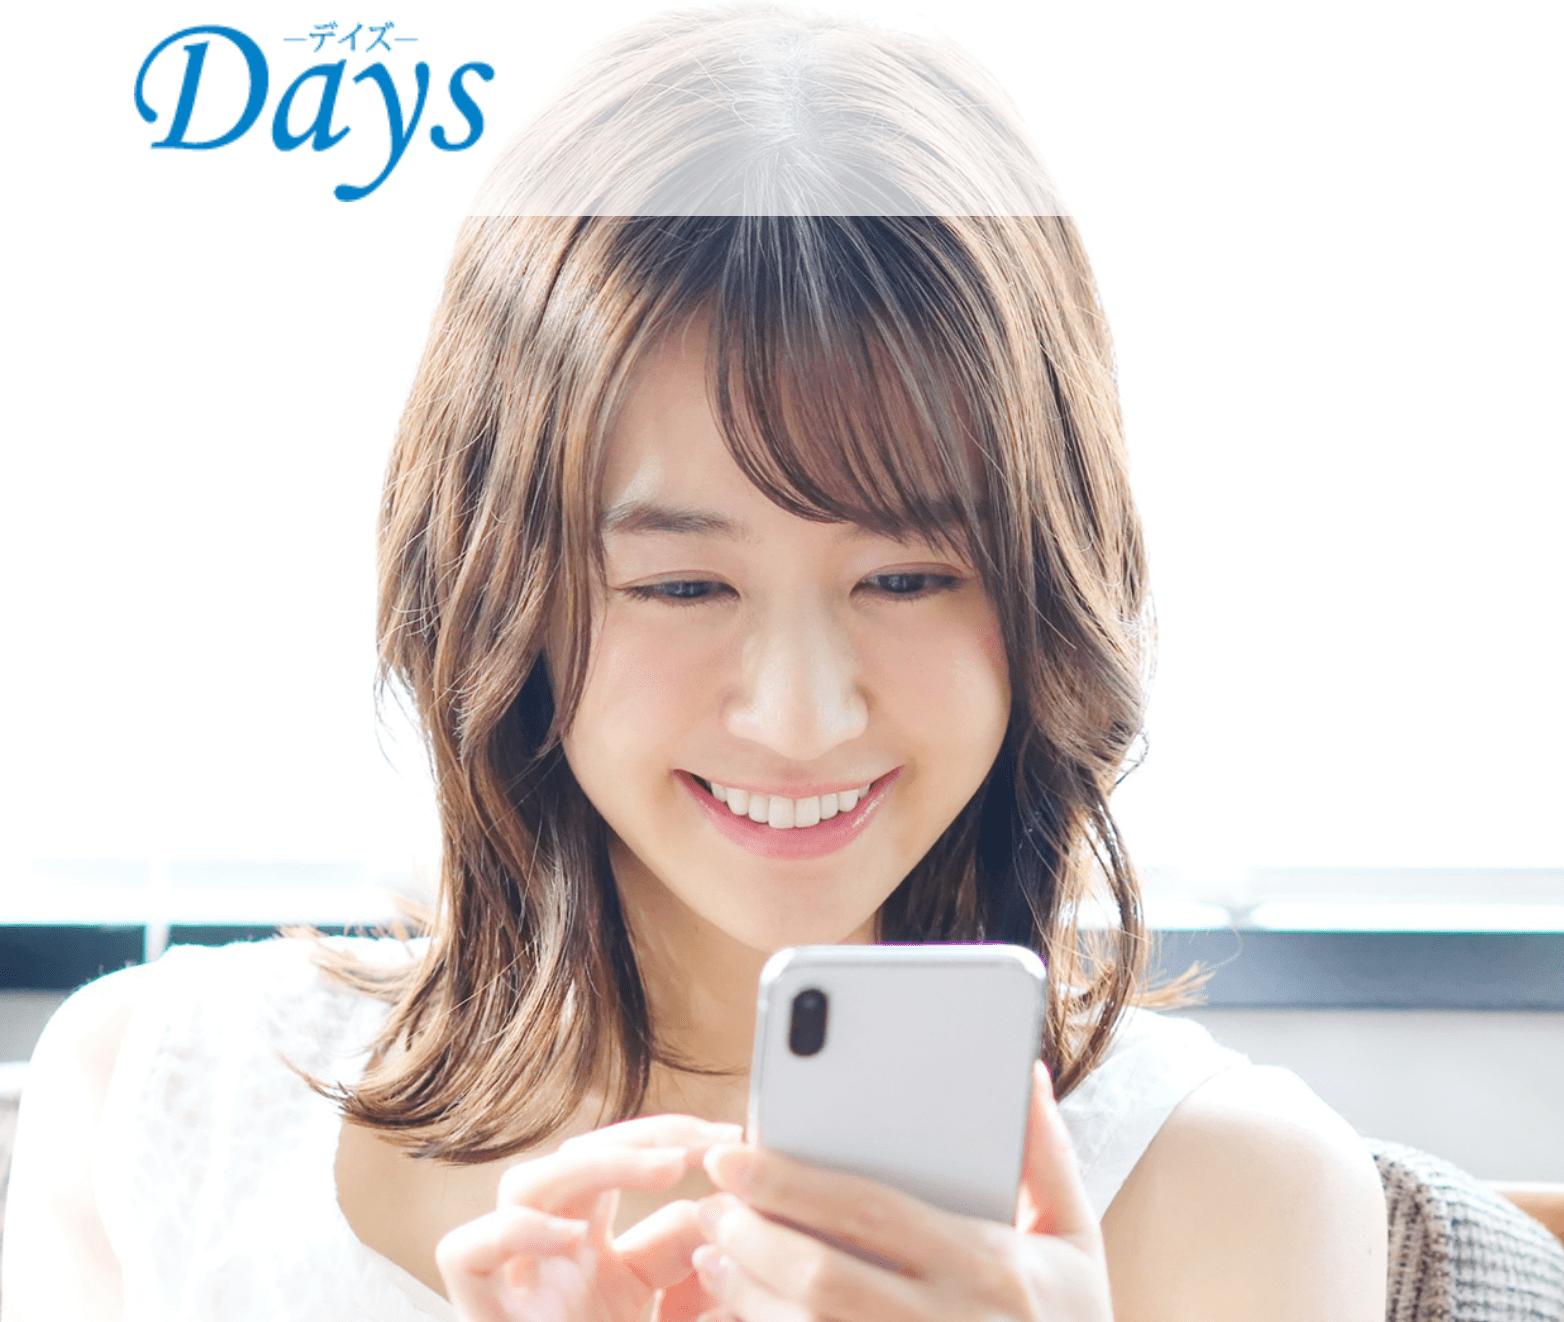 マッチングサービス『Days』